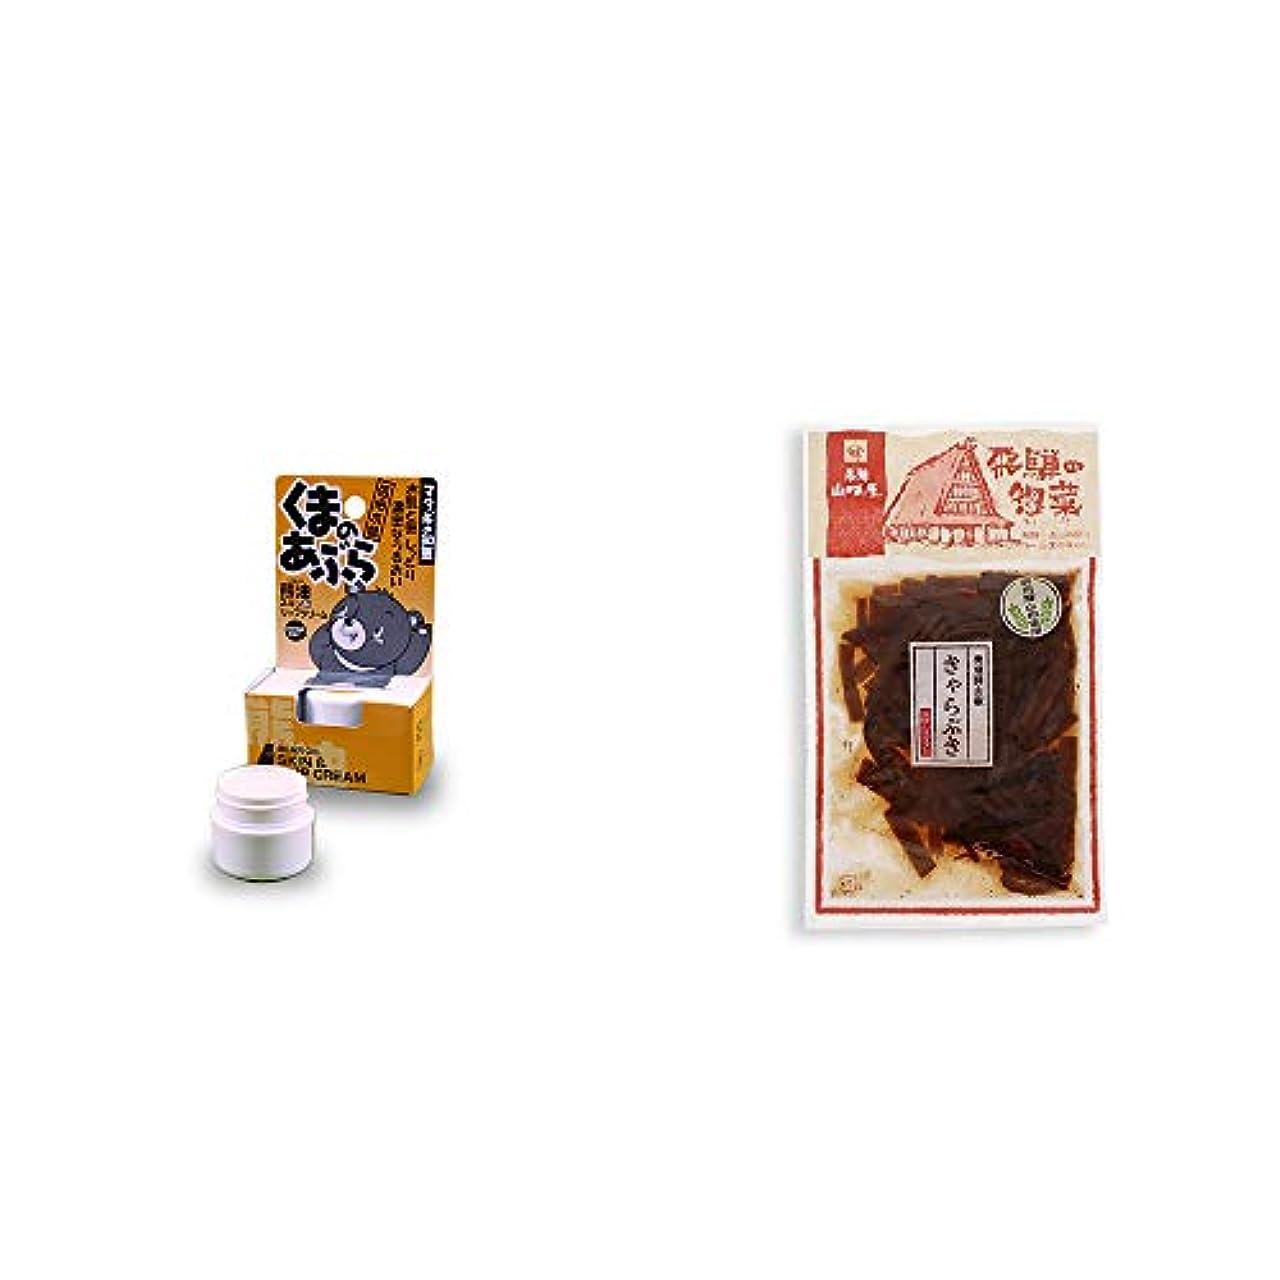 報酬豪華な株式会社[2点セット] 信州木曽 くまのあぶら 熊油スキン&リップクリーム(9g)?飛騨山味屋 奥飛騨山椒きゃらぶき(120g)